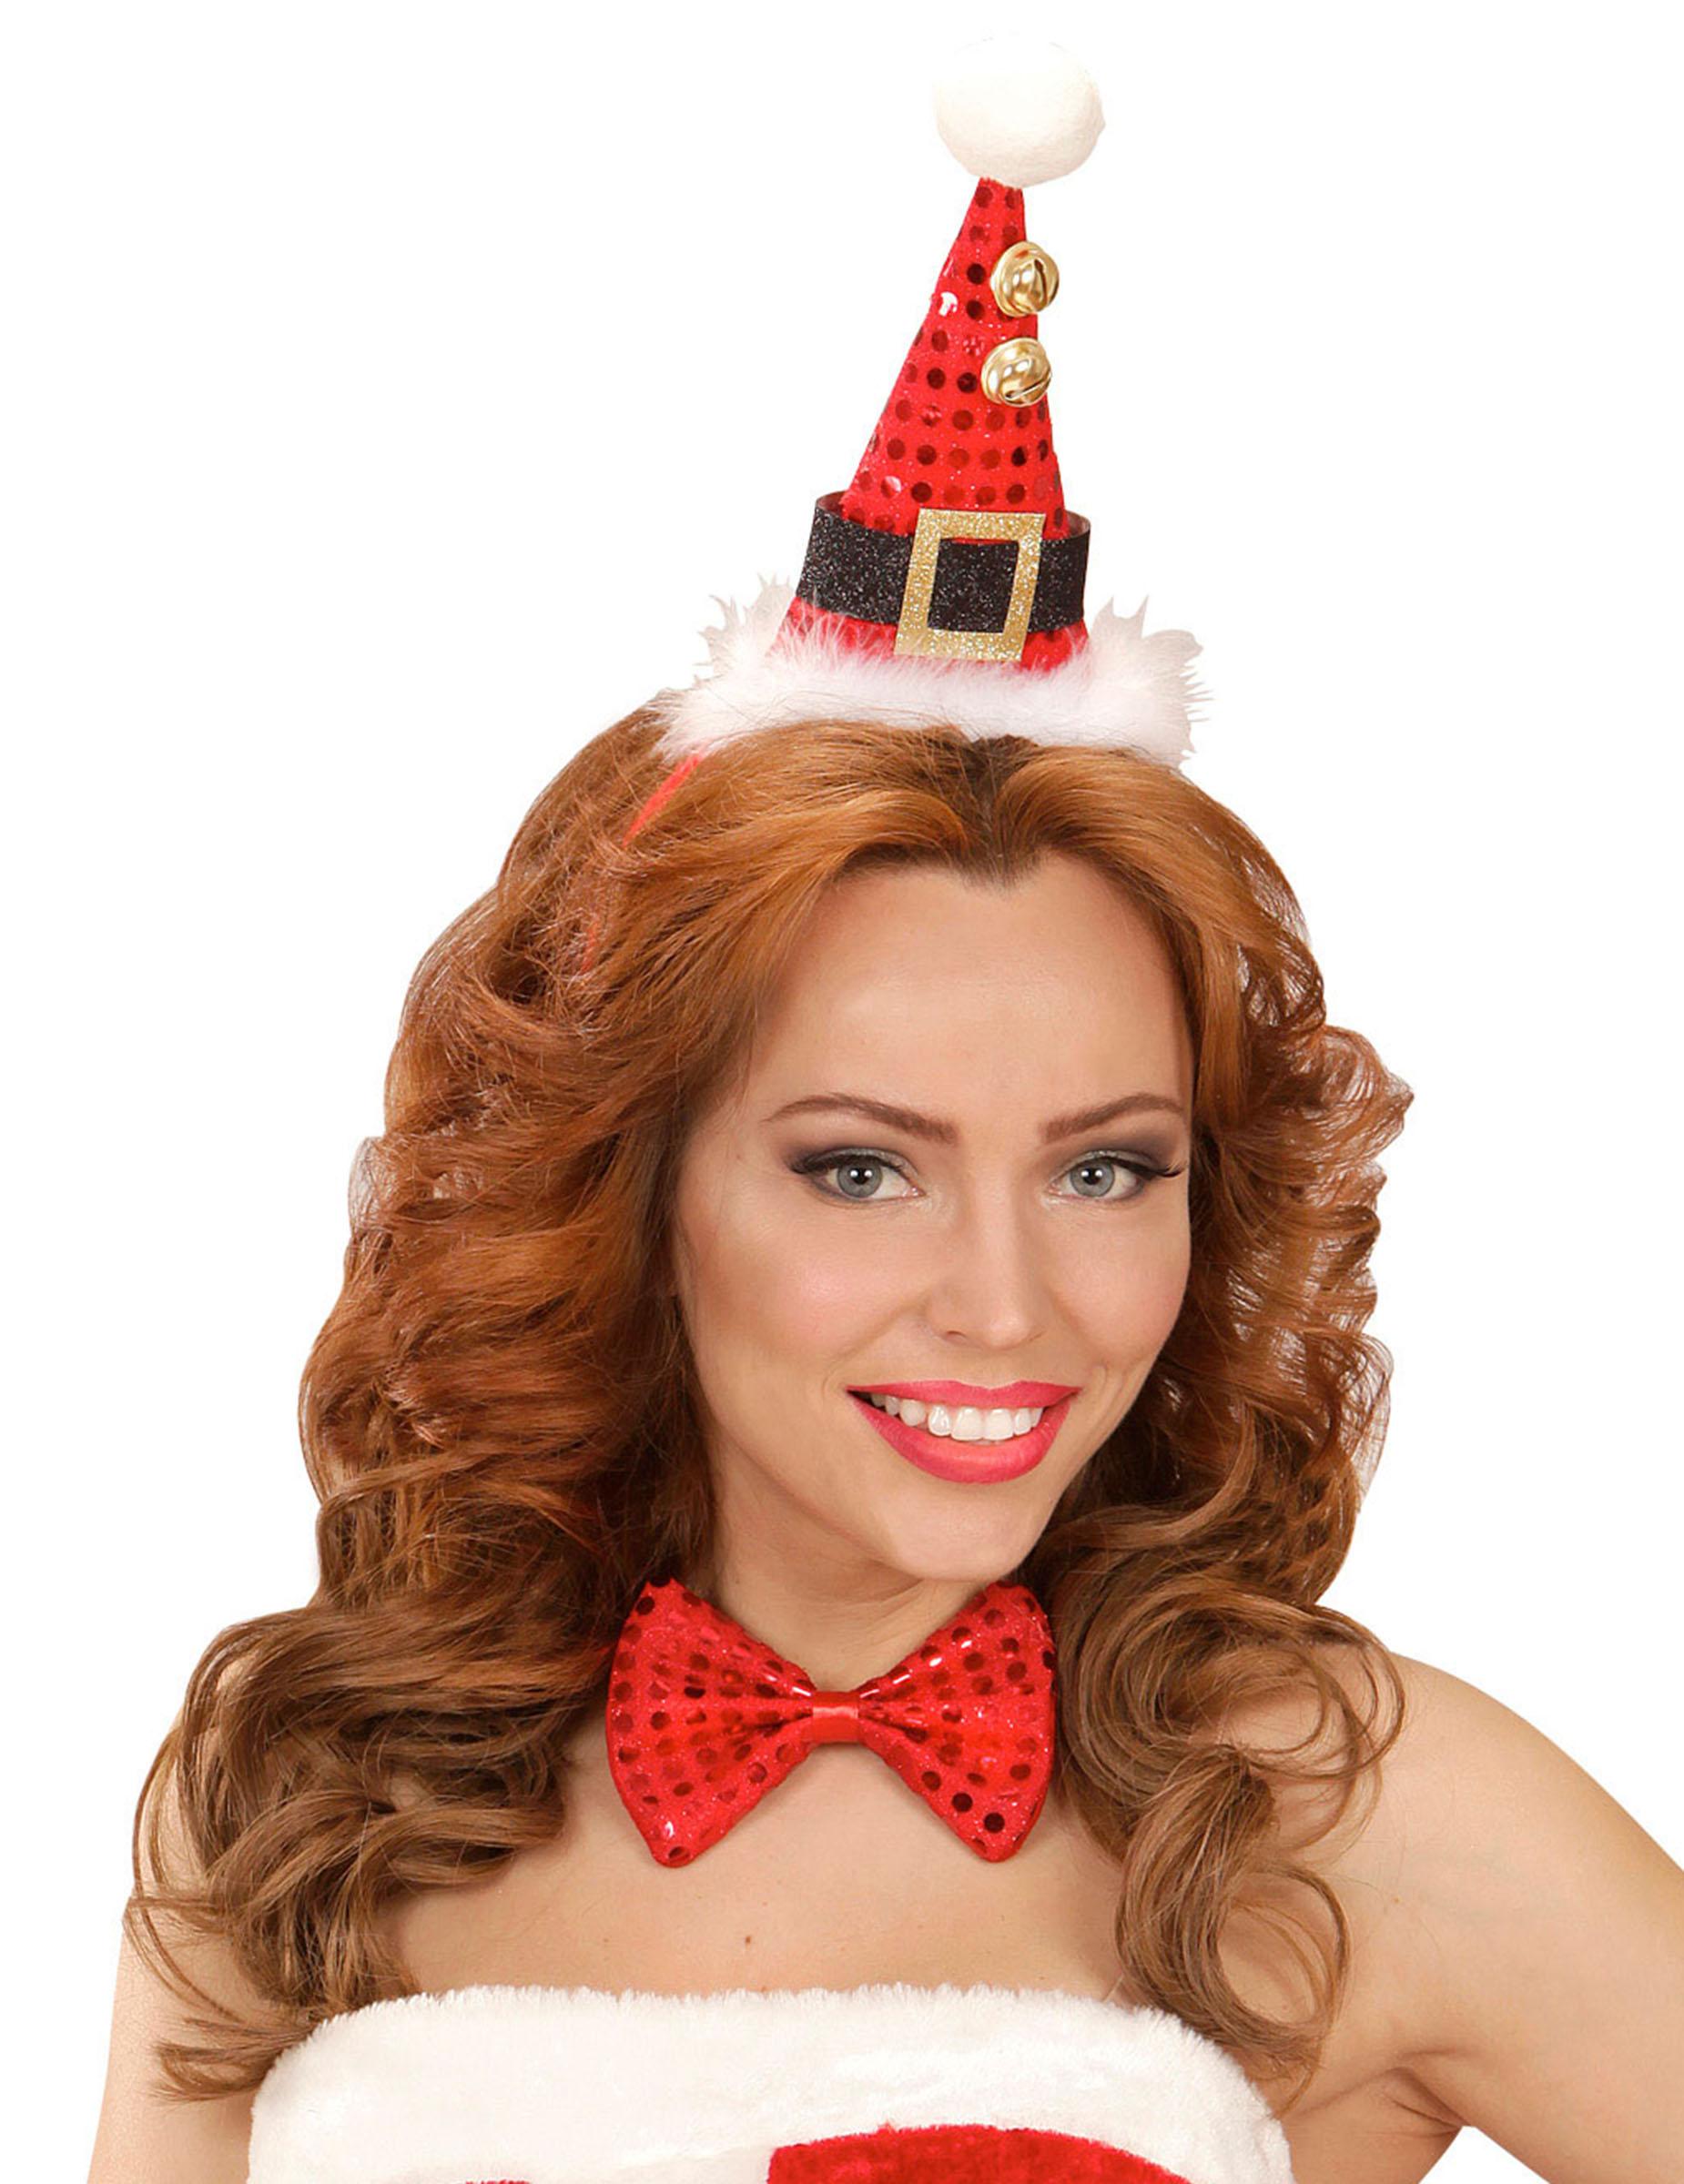 Accessoire set f r weihnachten accessoires und g nstige faschingskost me vegaoo - Dekorationsvorschlage fur weihnachten ...